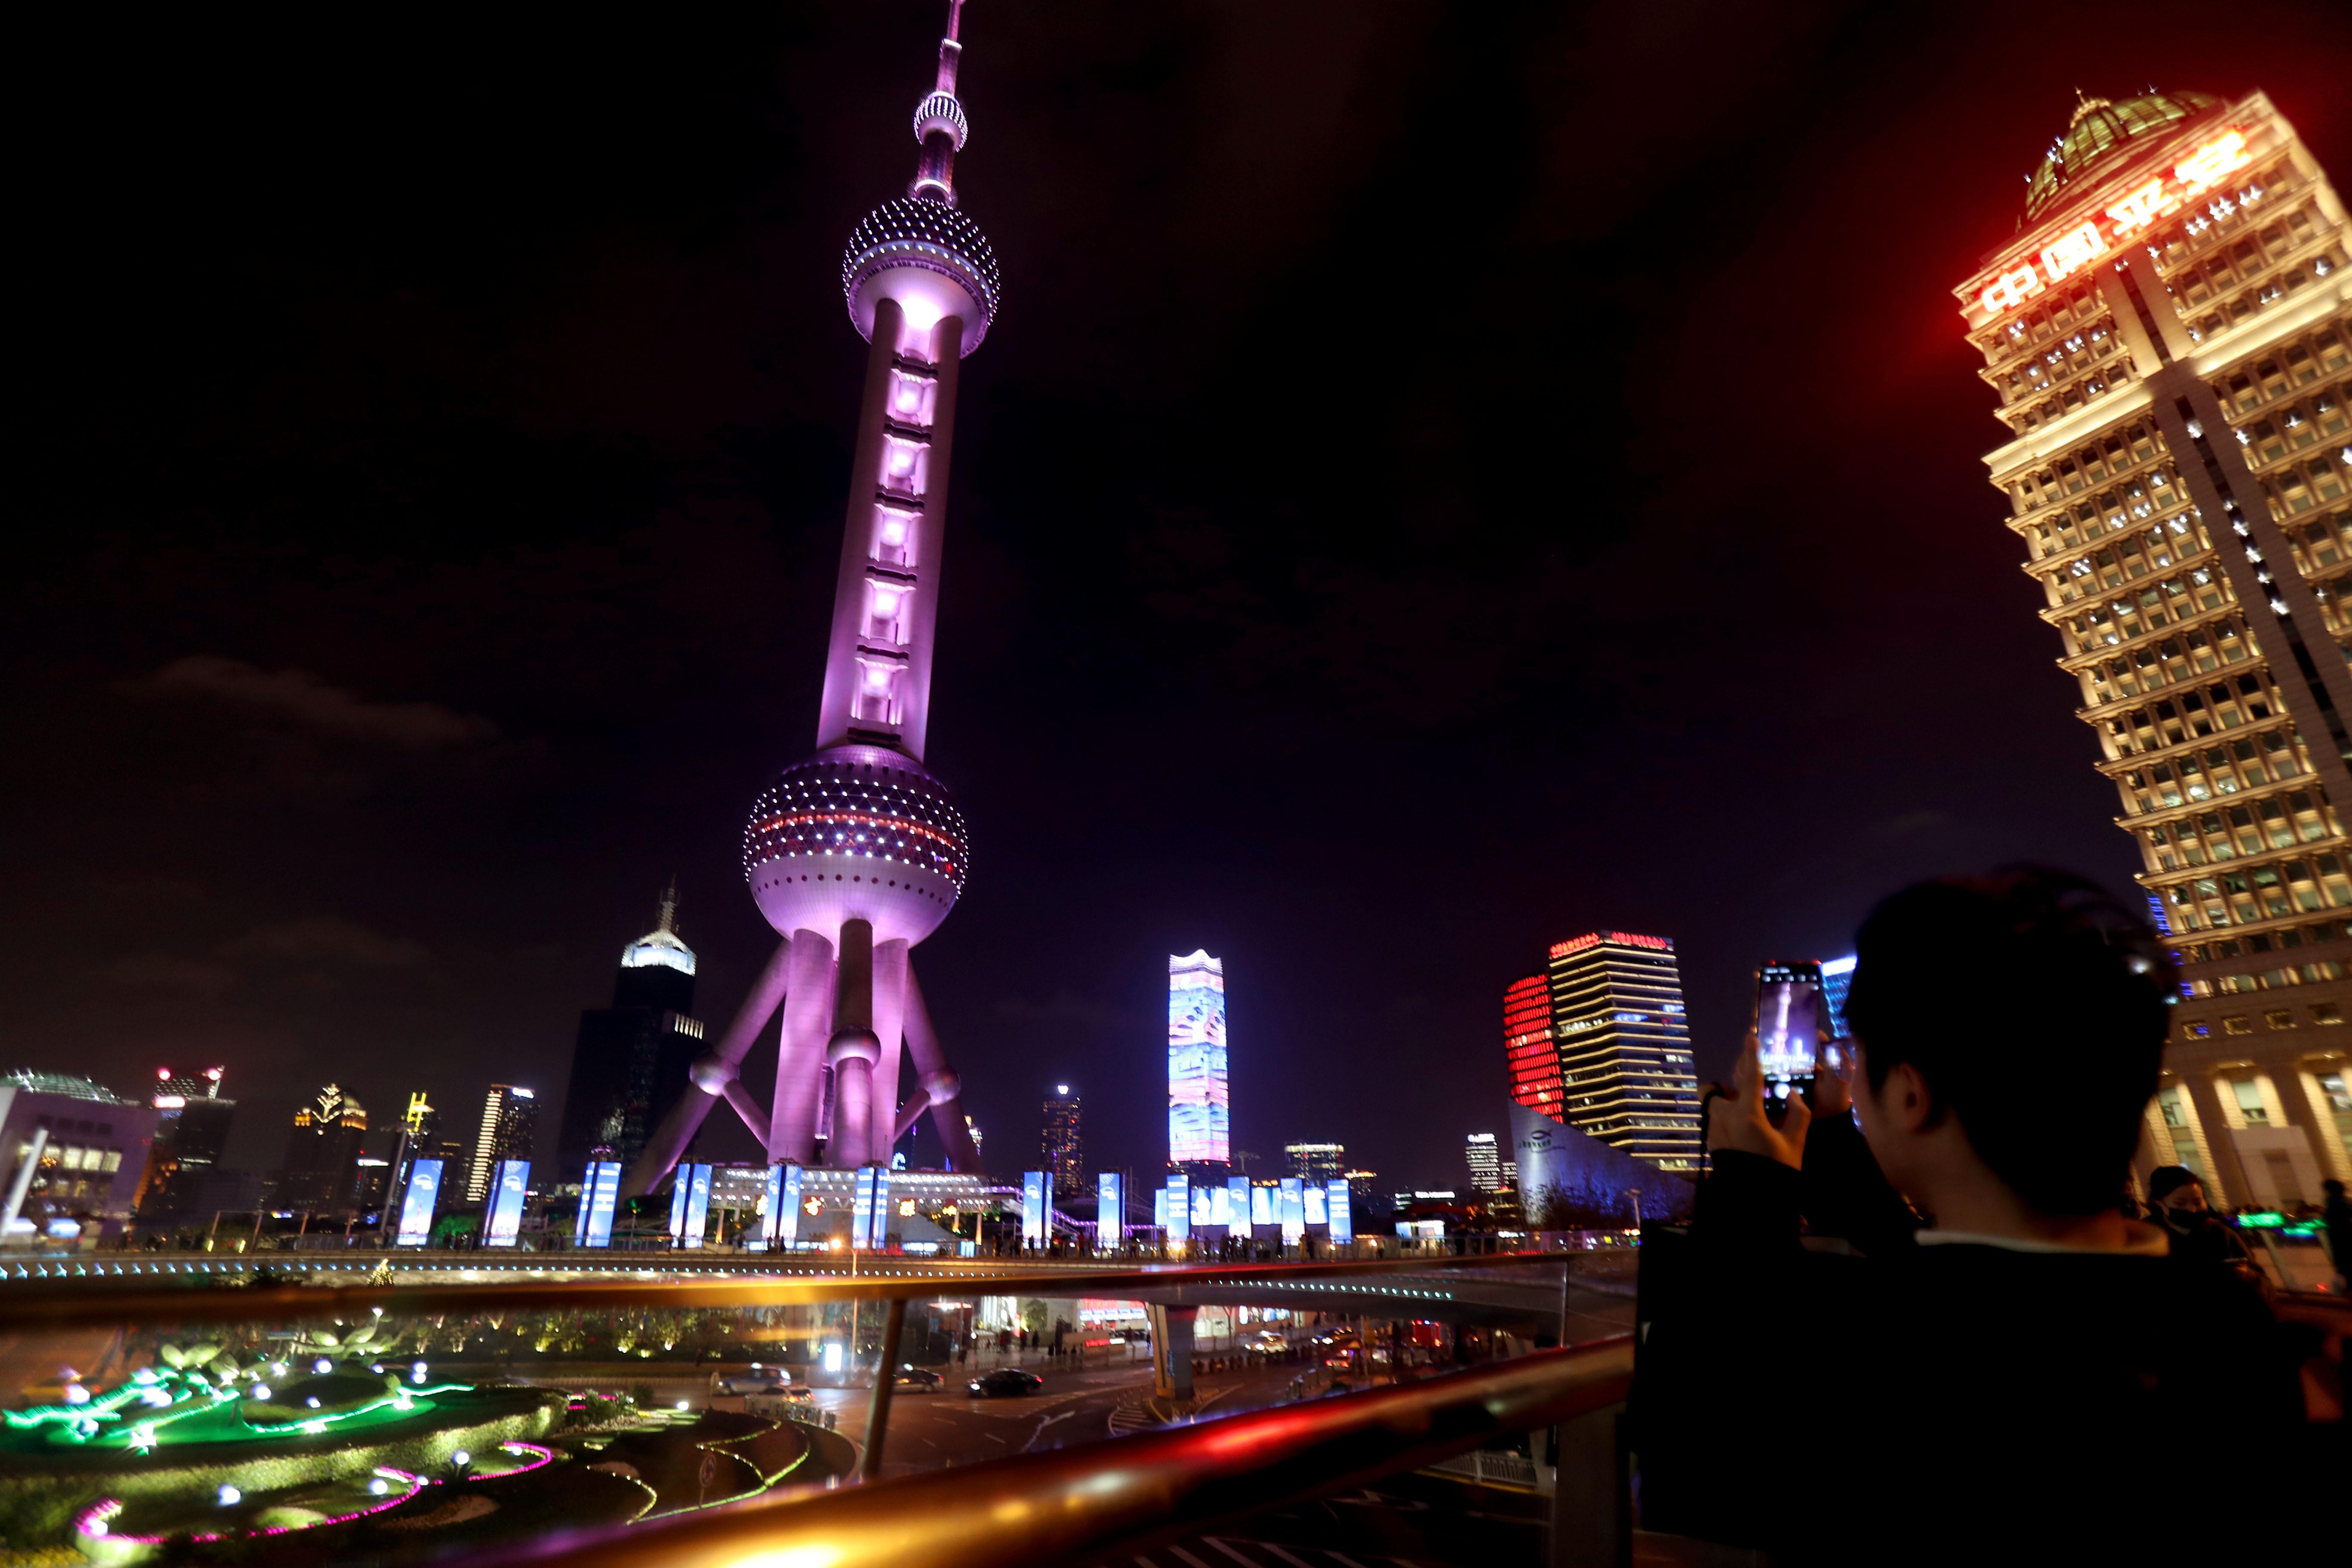 http://www.lightbutler.cn/guoji/164148.html